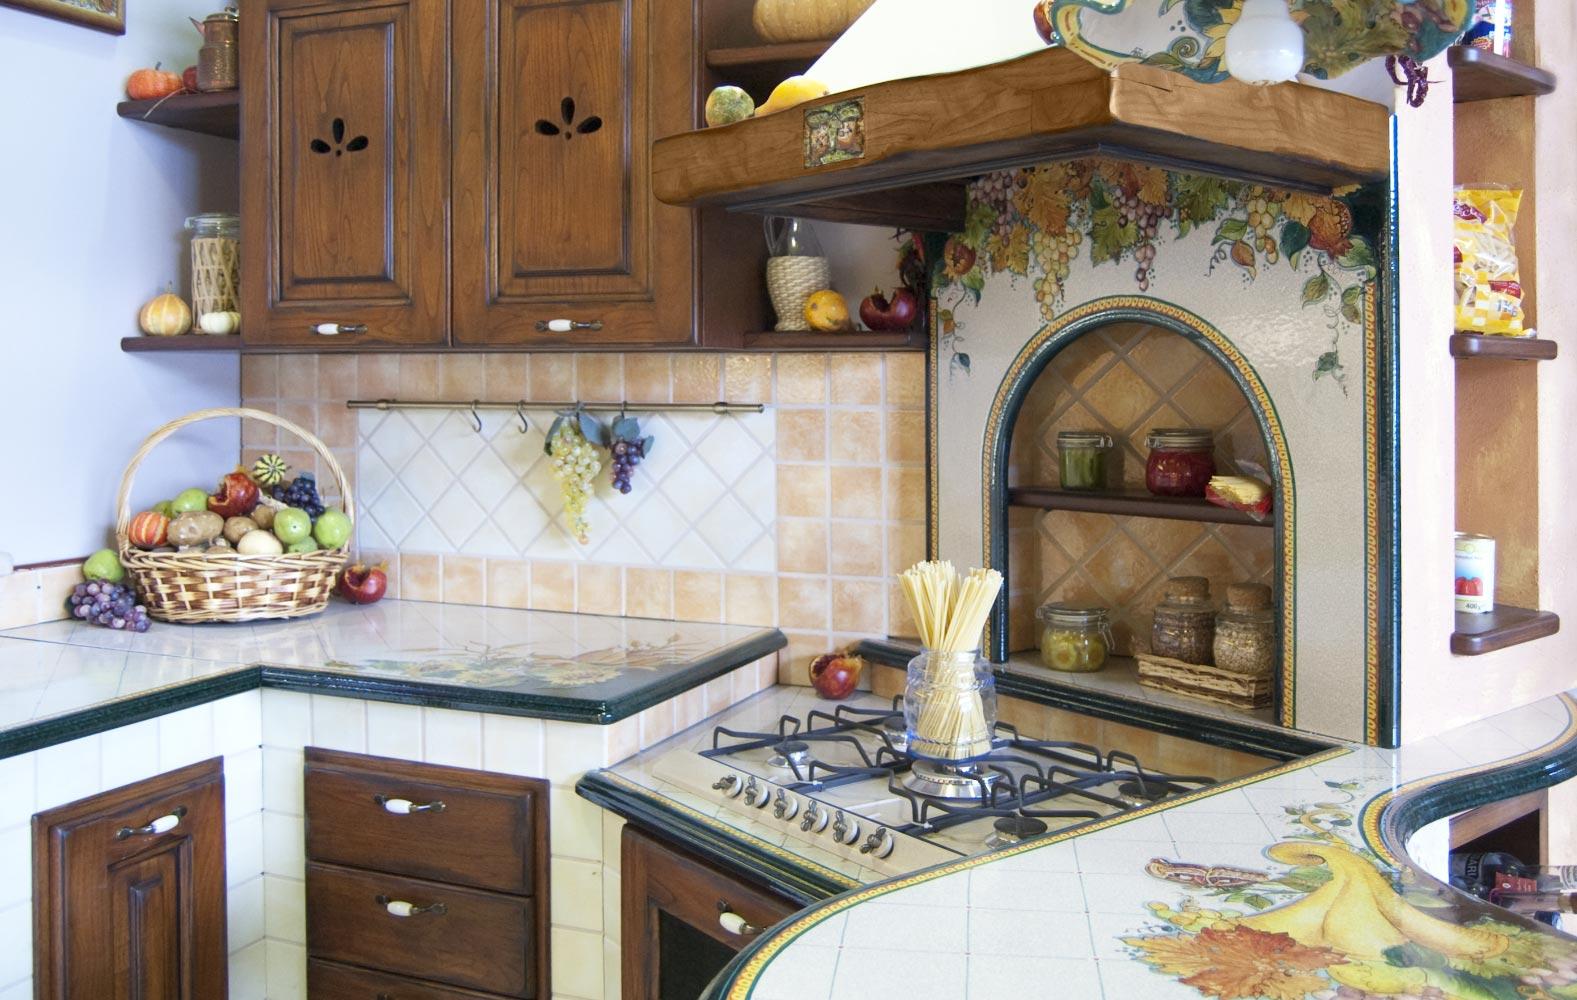 Cucine in finta muratura smontabile modello milano for Cucine muratura immagini